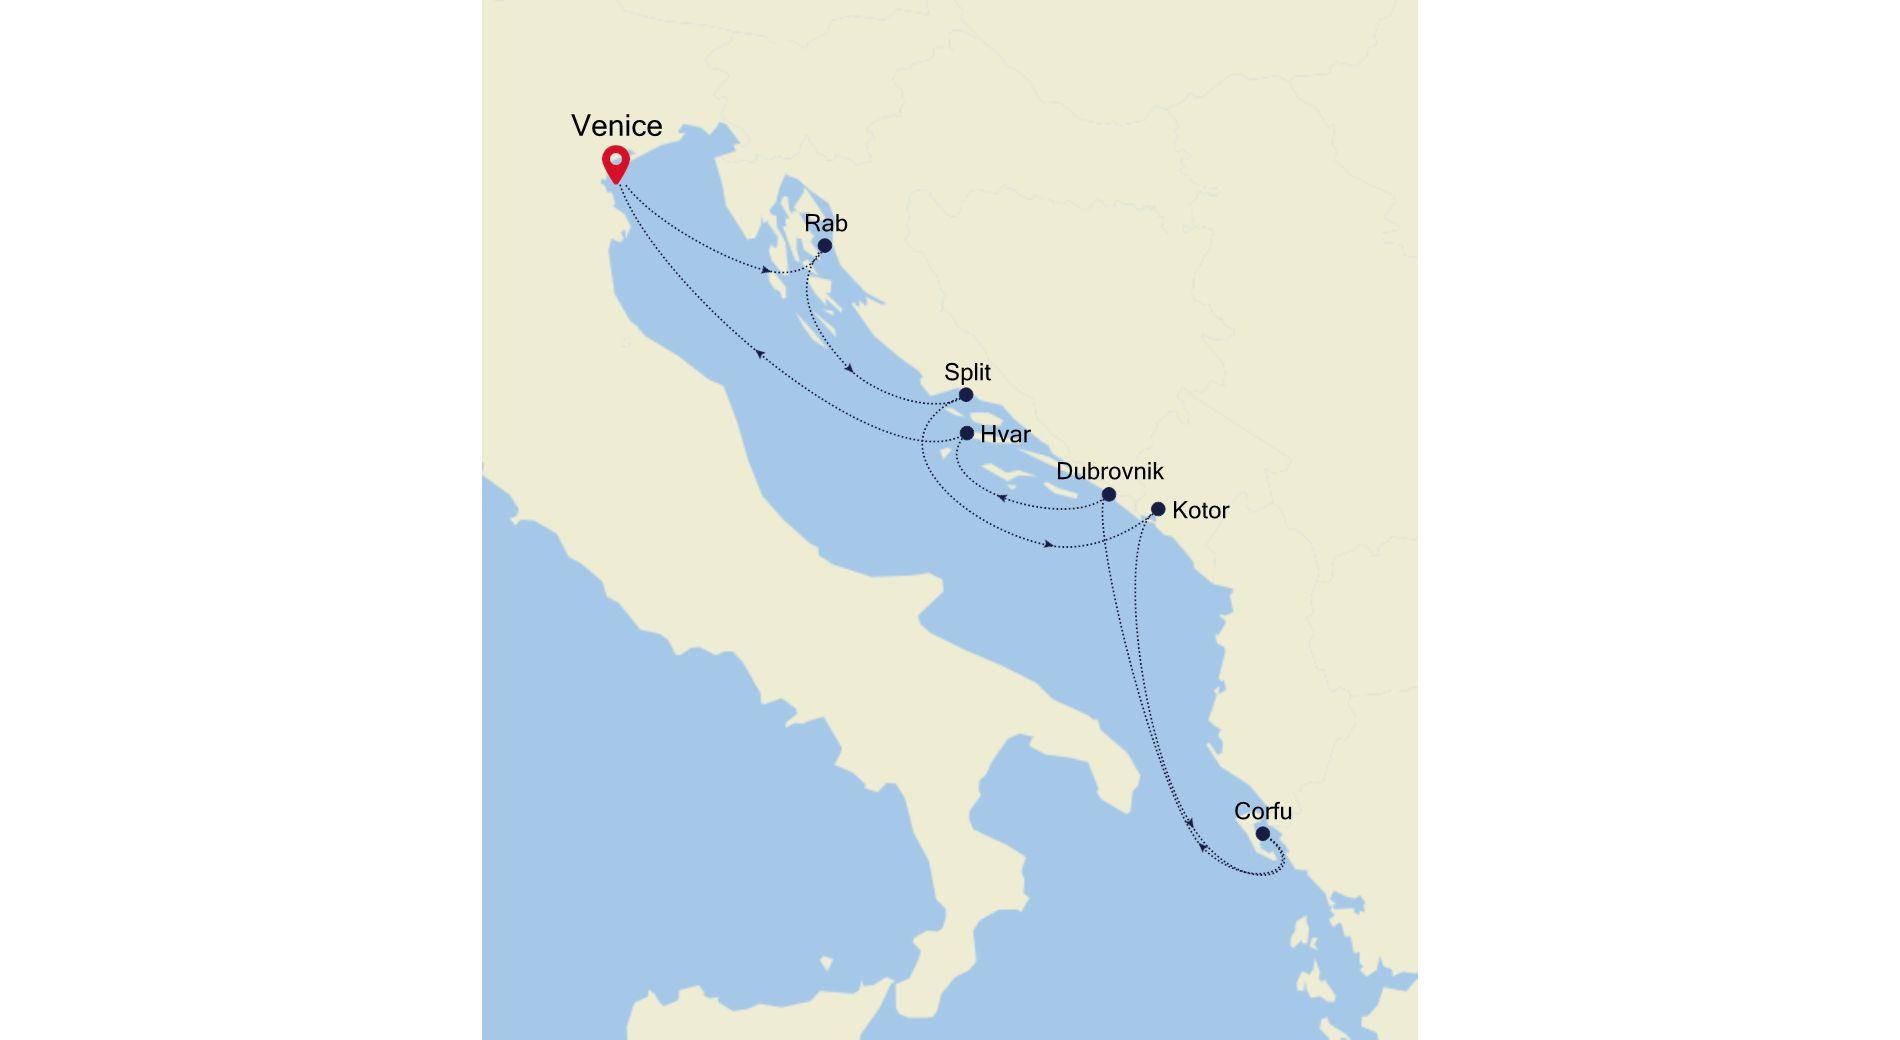 SS200814007 - Venice a Venice